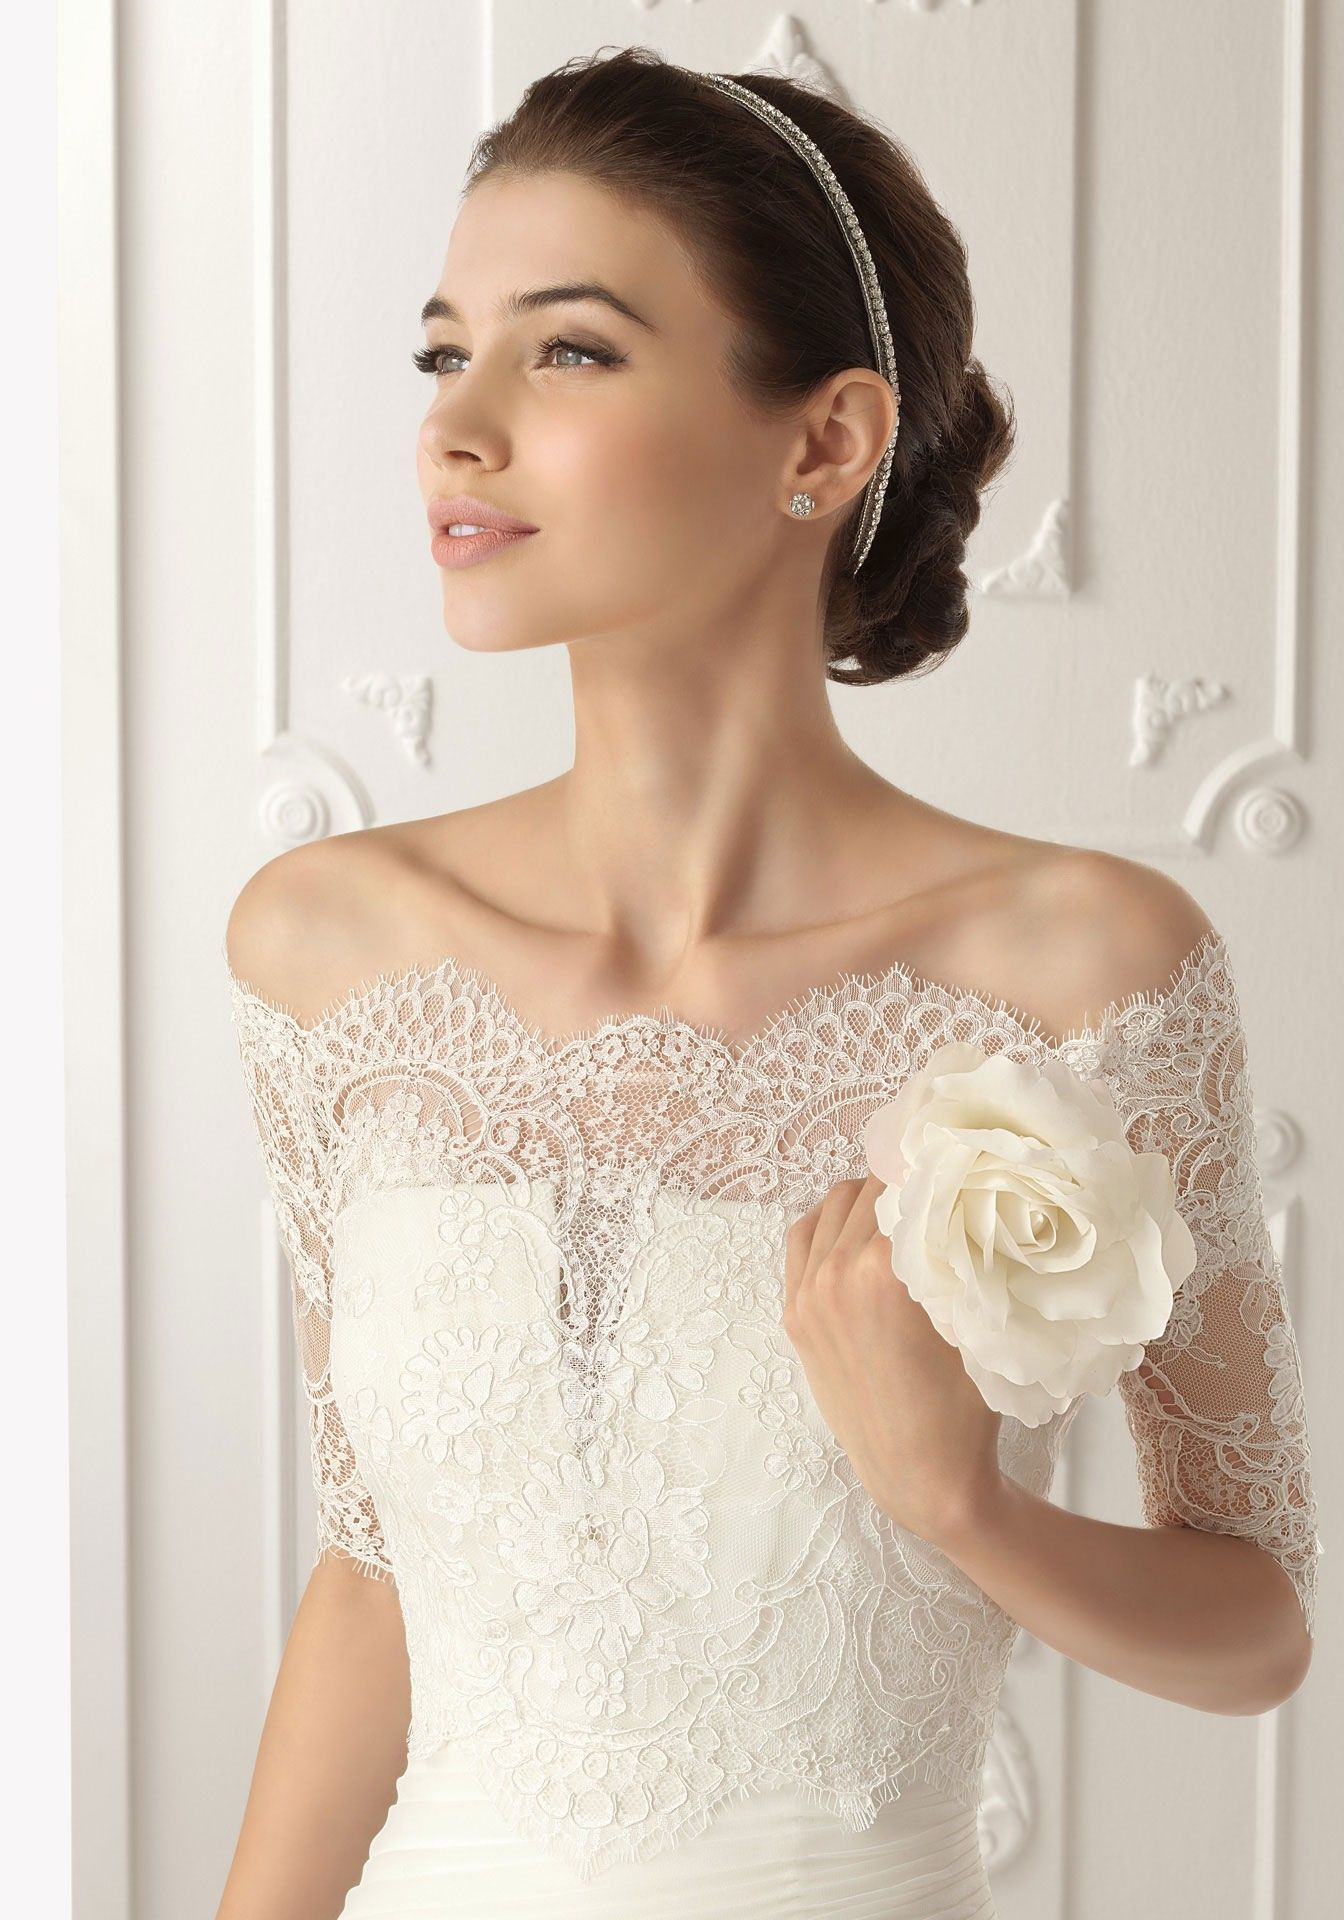 Sehr schöne Details, Hochzeitskleid mit Spitze, Schulter frei ...